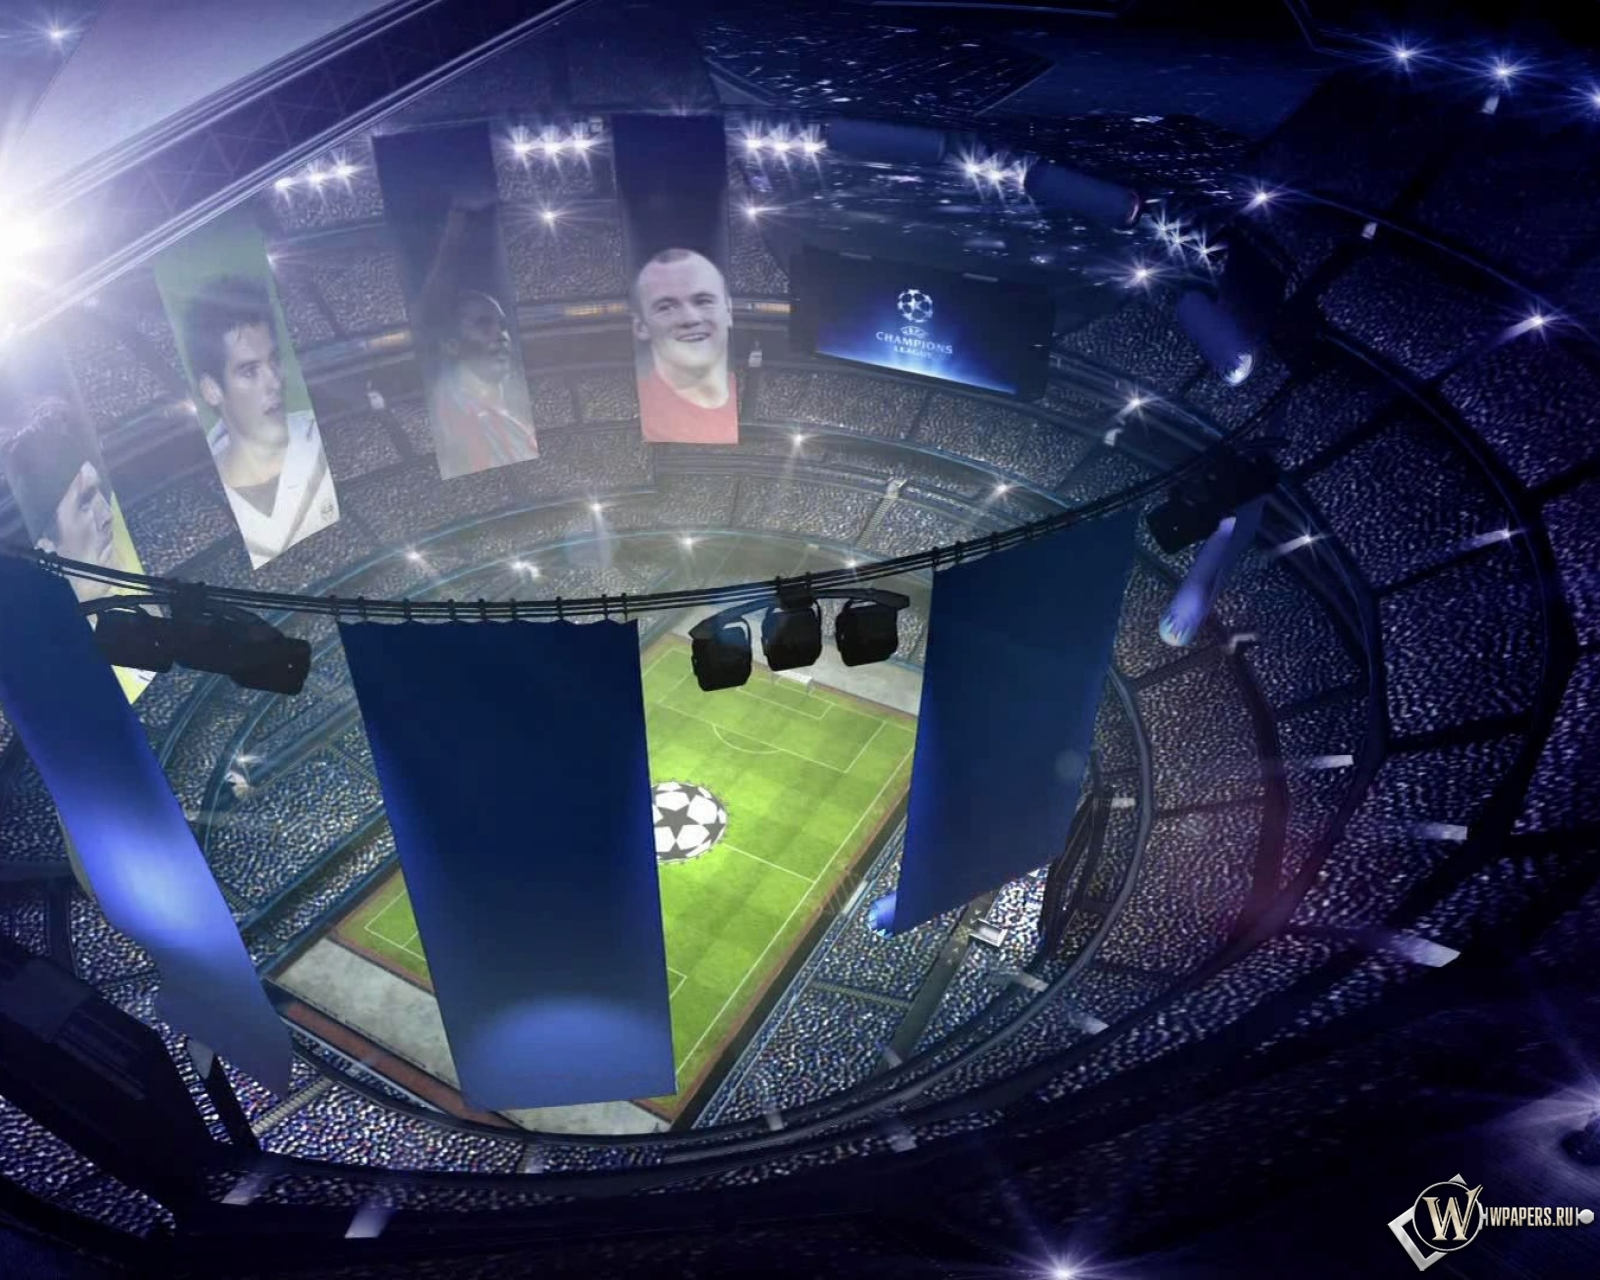 Лига чемпионов футбол лига чемпионов